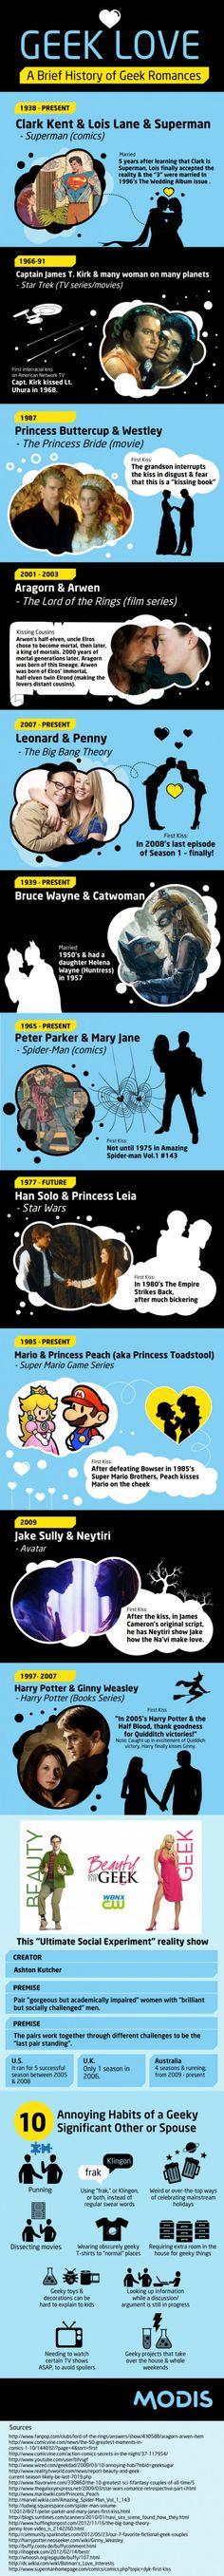 Romance Geek. Infografía que muestra algunos momentos del romance geek.